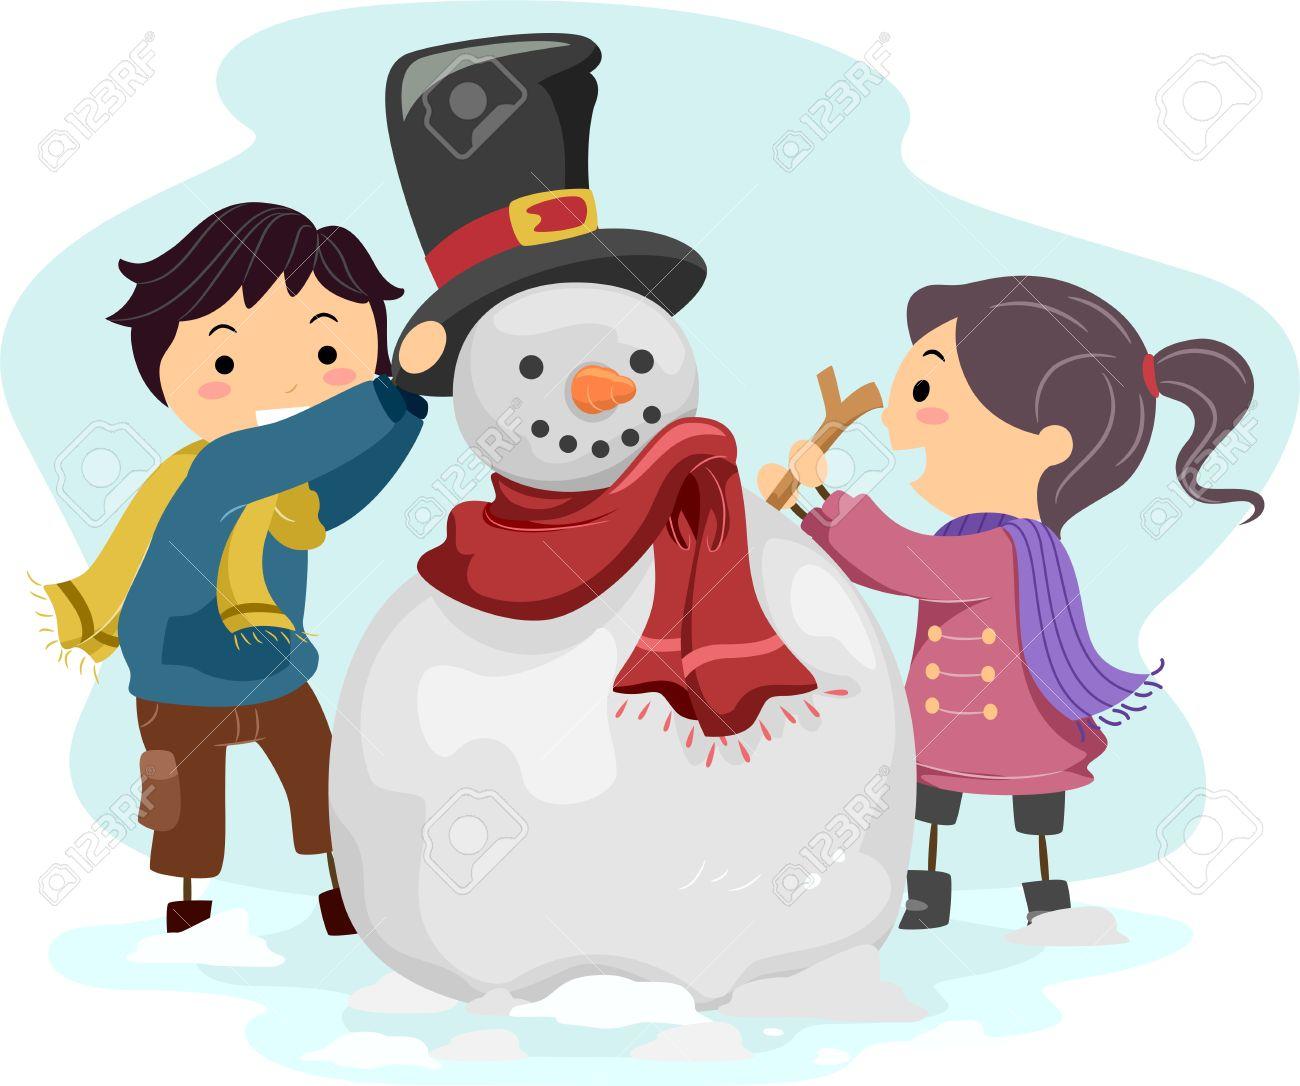 Ilustración De Niños Haciendo Un Muñeco De Nieve Fotos Retratos Imágenes Y Fotografía De Archivo Libres De Derecho Image 11467608